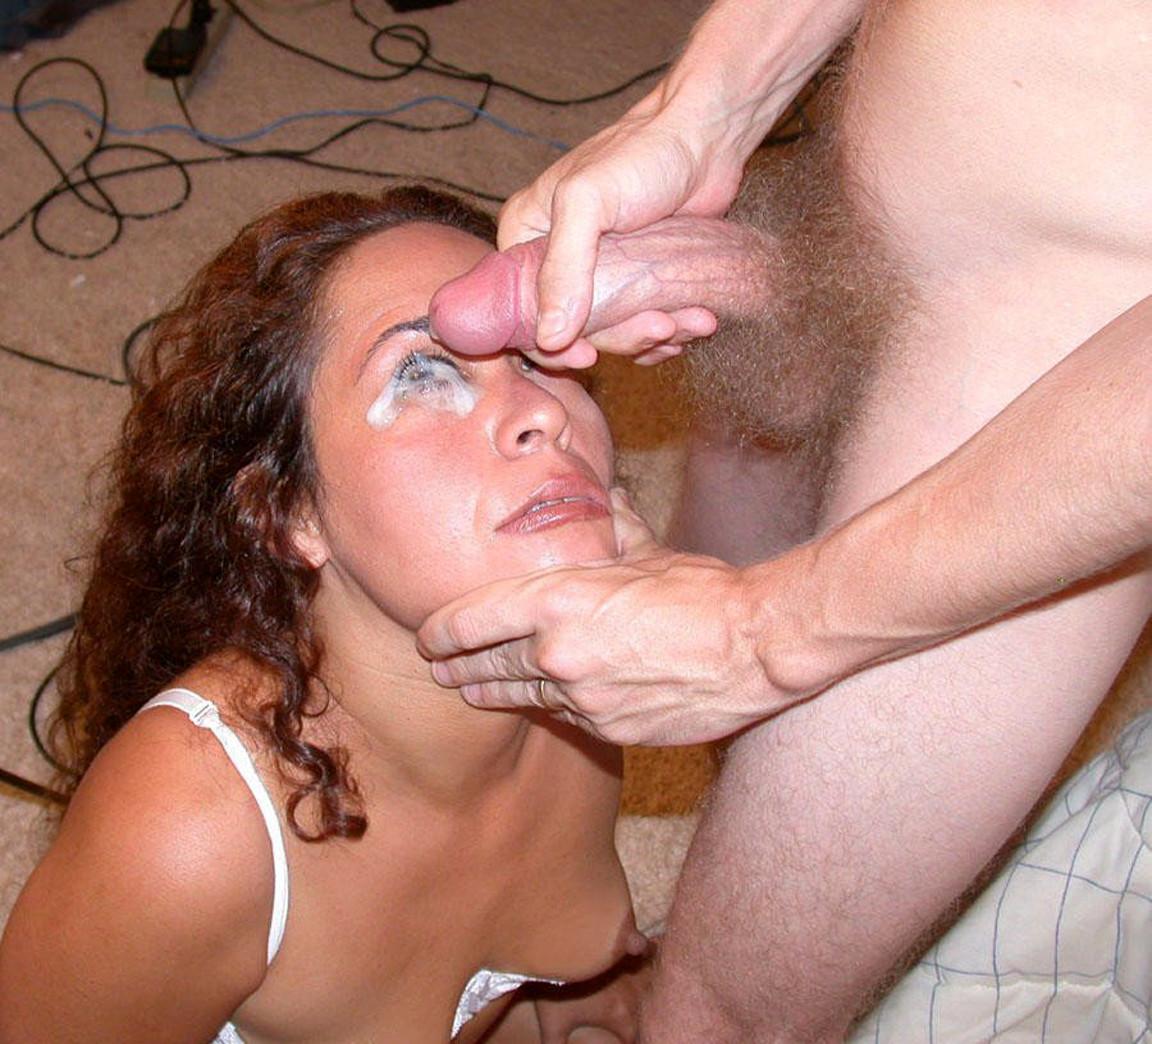 Наказали спермой в глаза три